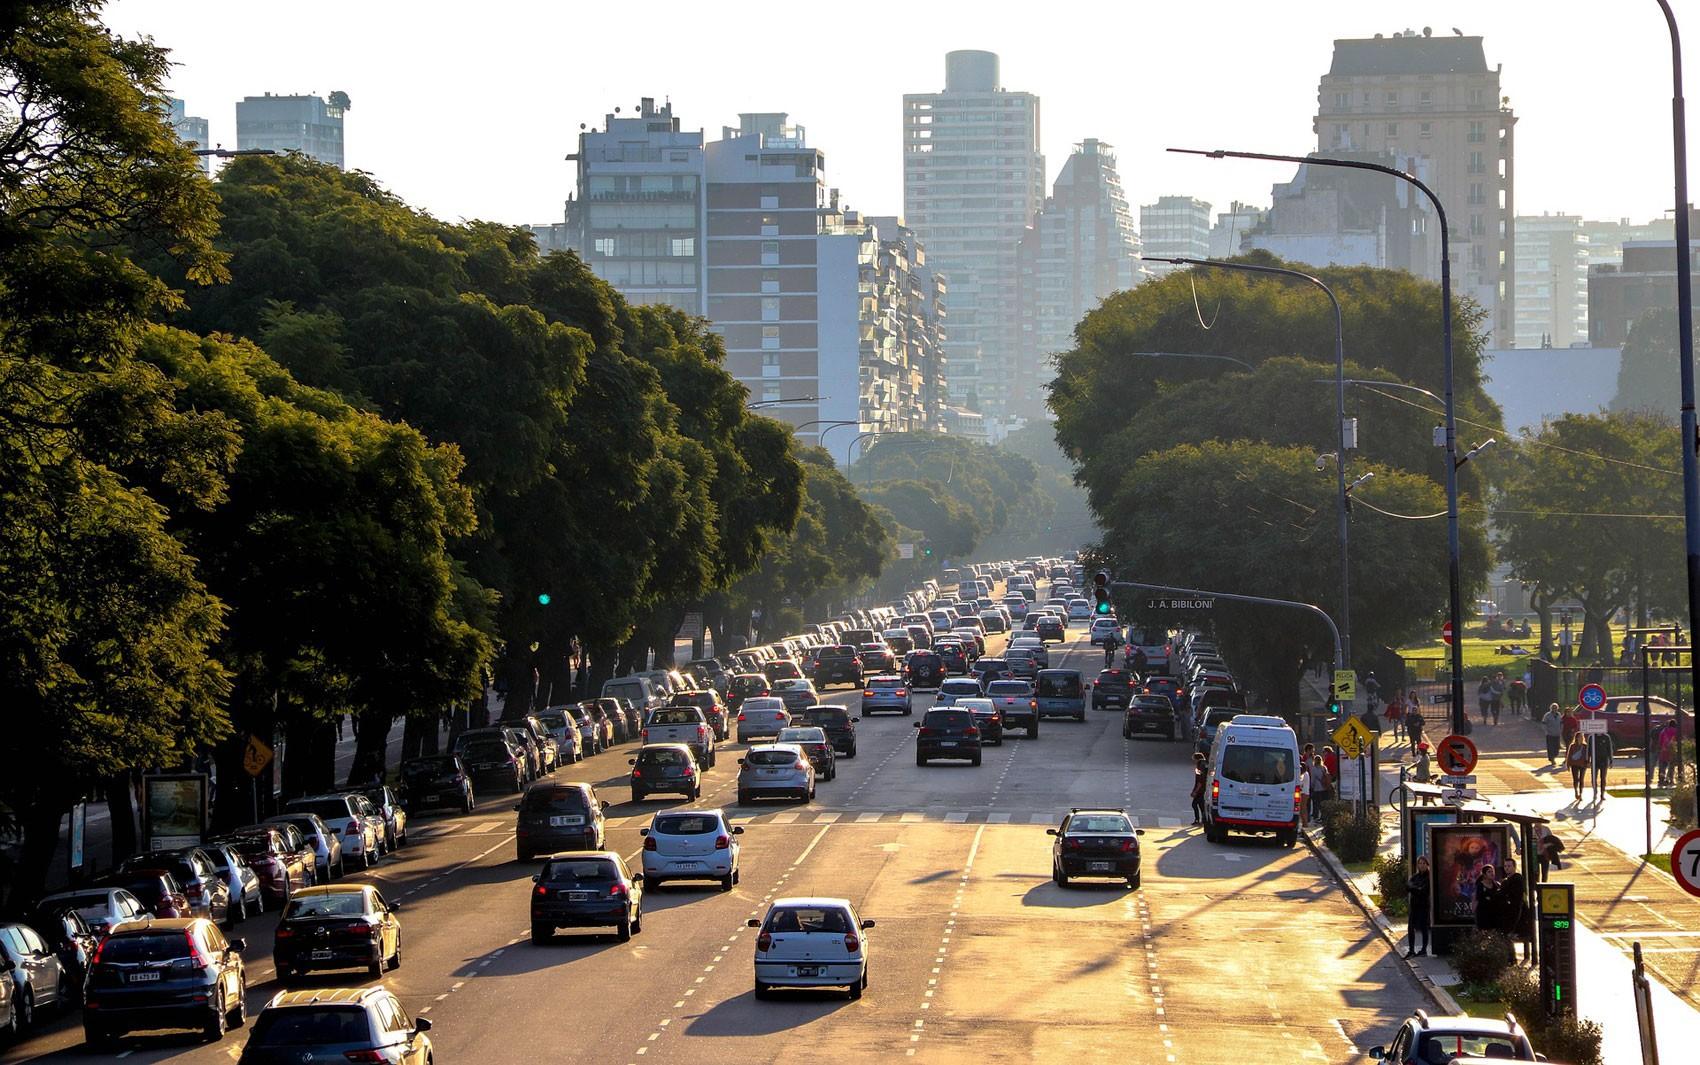 Motoristas argentinos terão de fazer curso sobre igualdade de gênero para ter habilitação